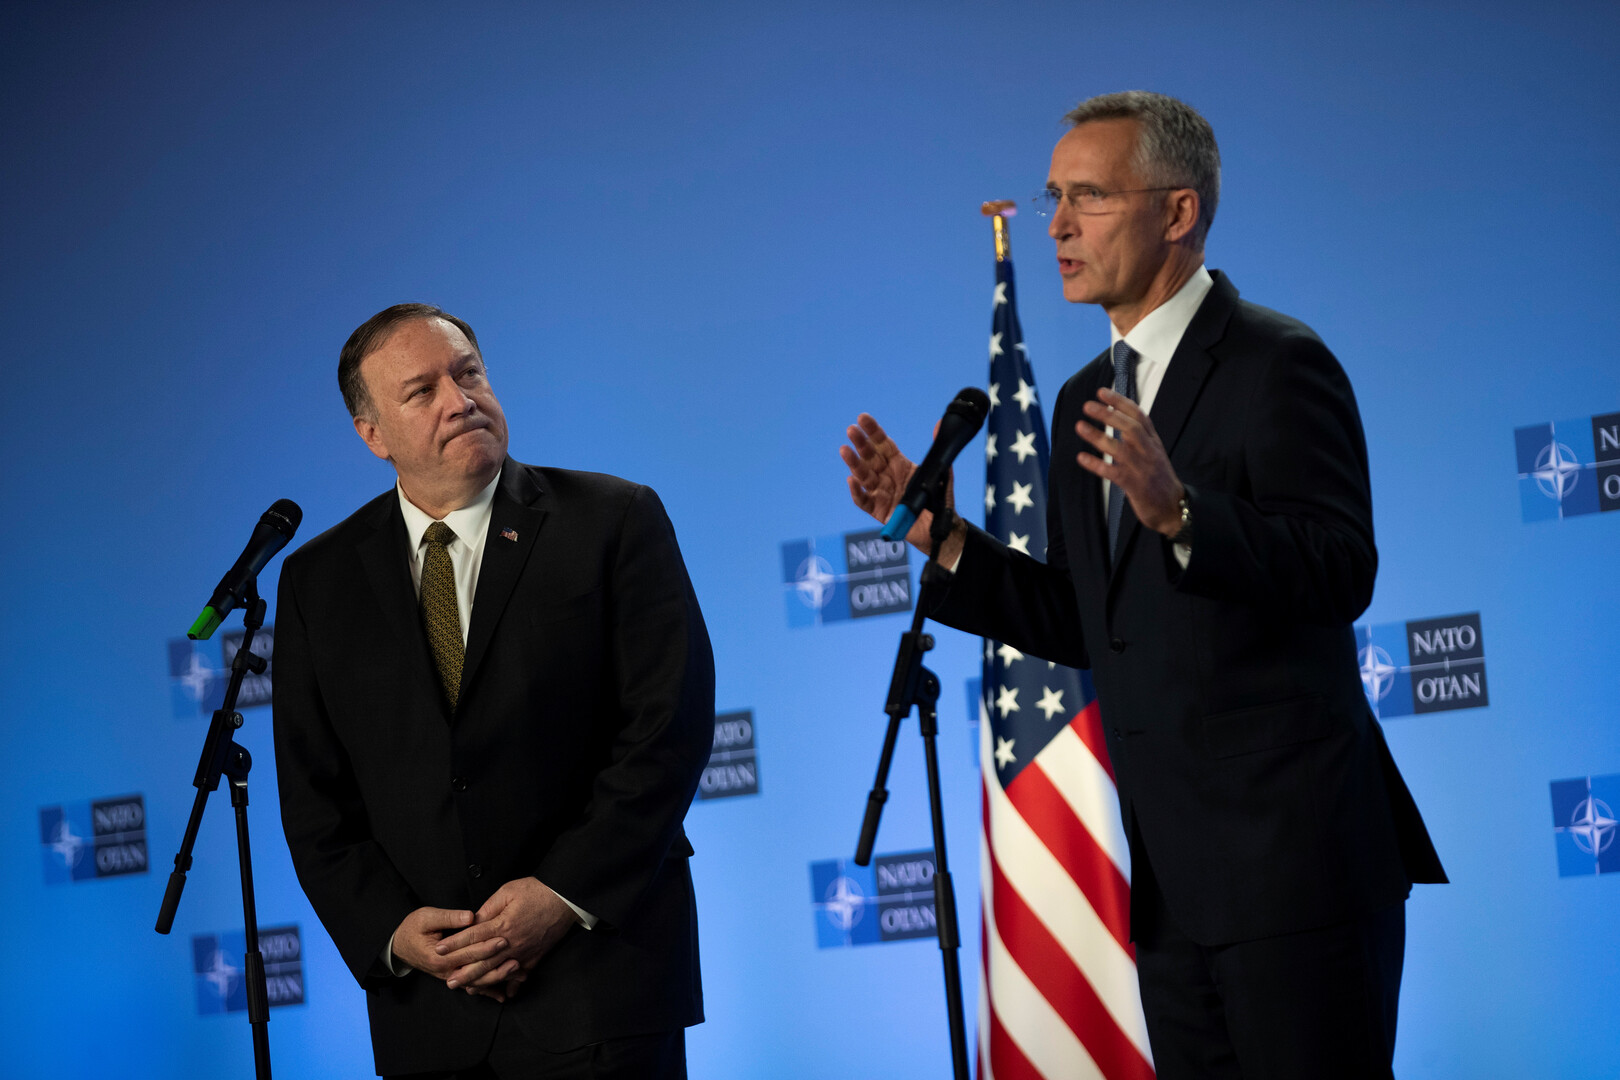 الناتو يرحب بالاتفاق التركي الأمريكي حول تعليق العملية التركية في سوريا